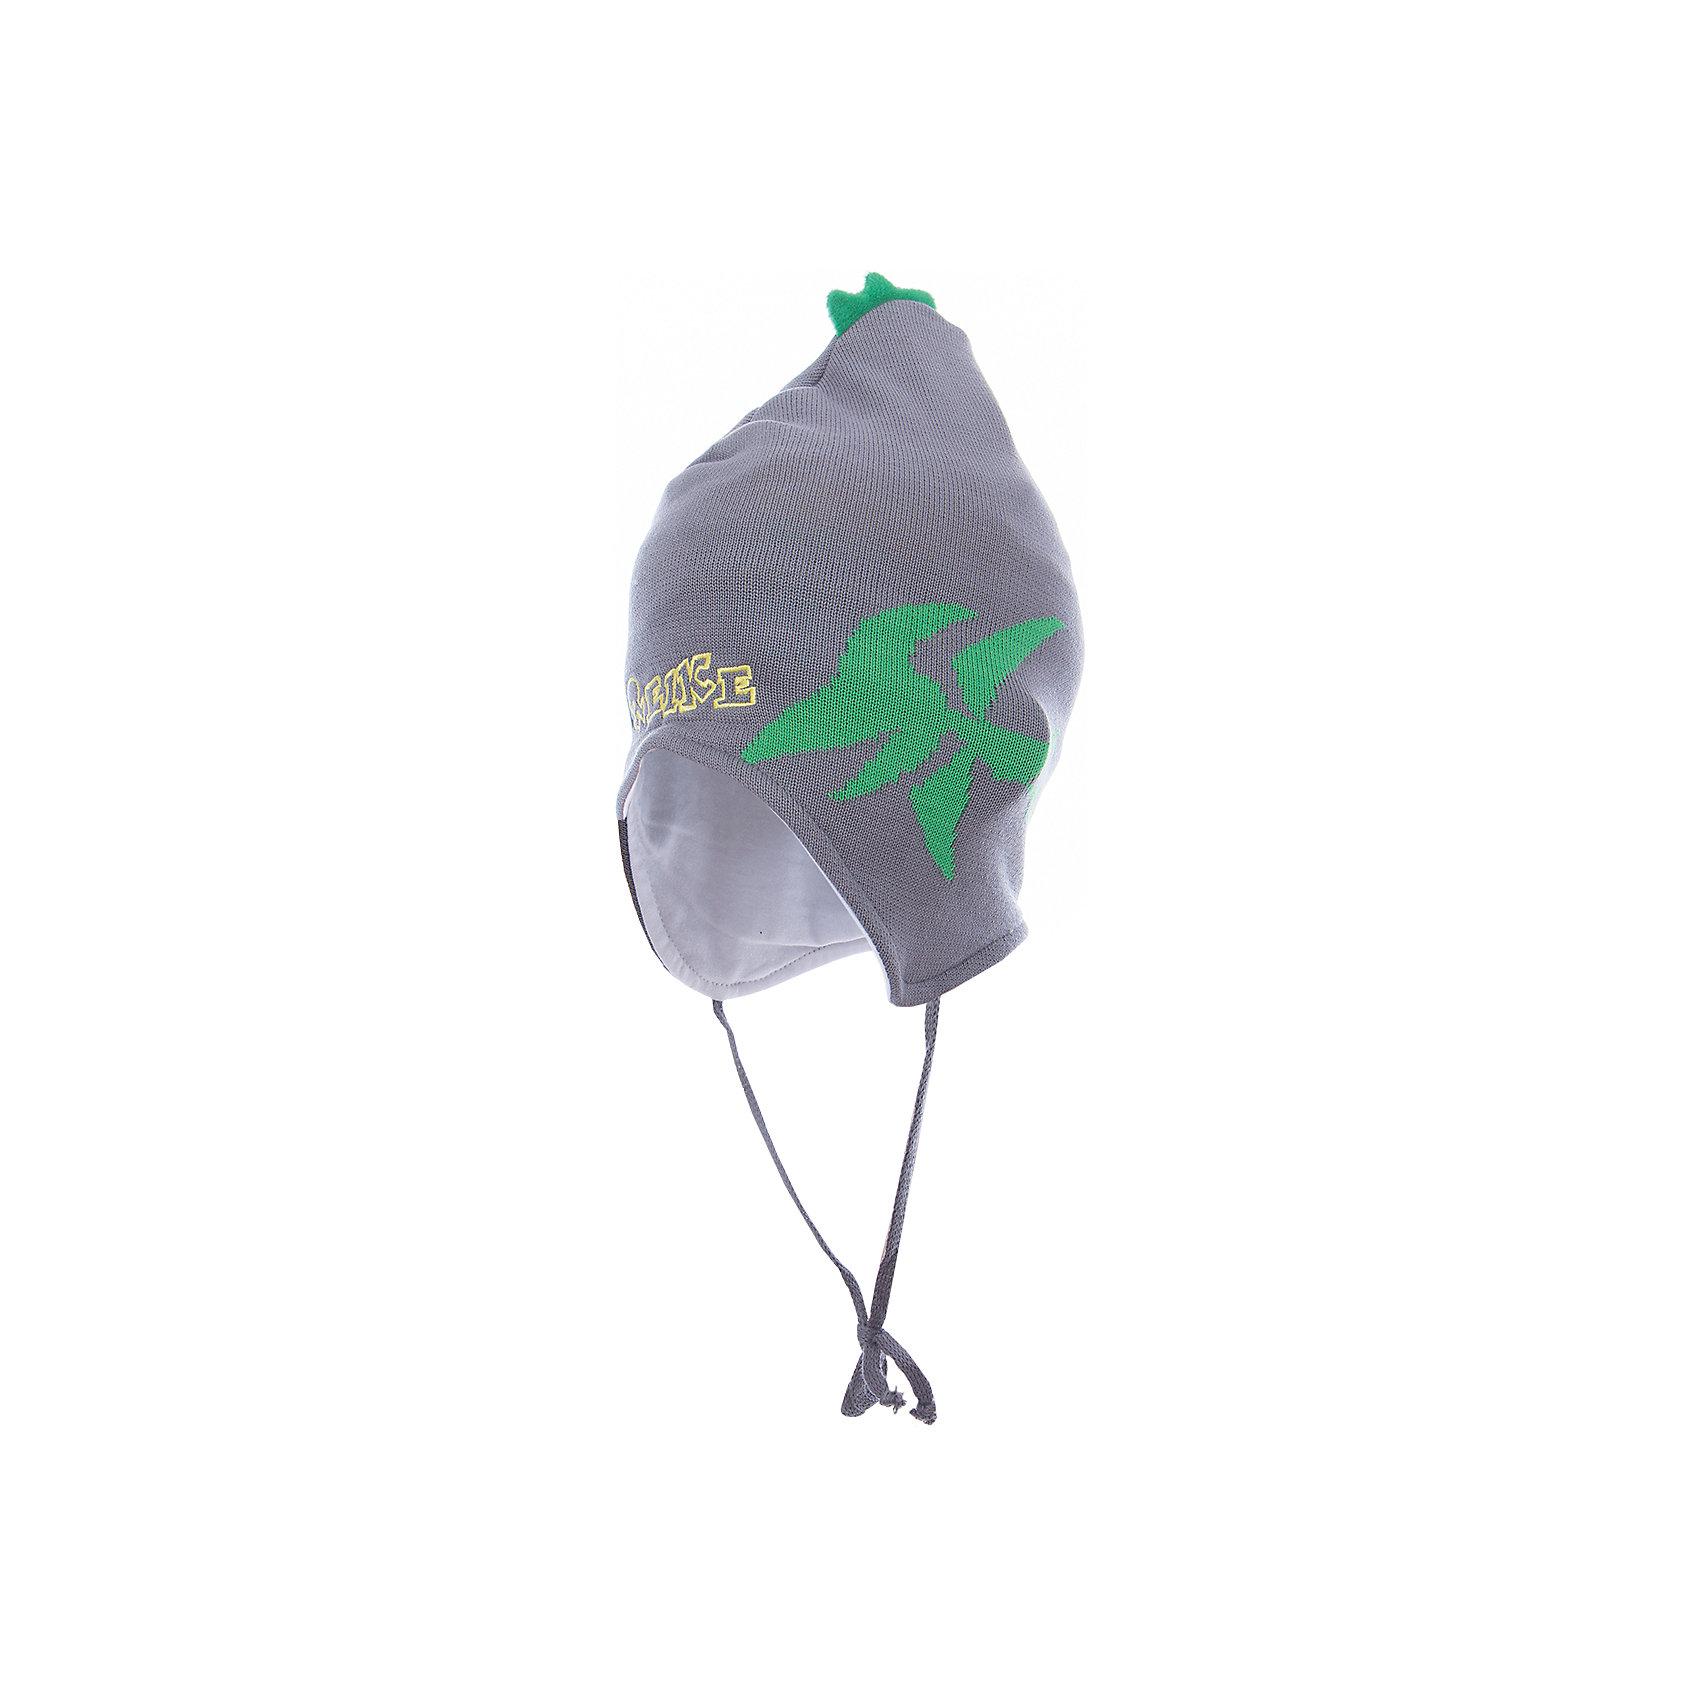 Шапка Reike для мальчикаШапочки<br>Характеристики товара:<br><br>• цвет: серый<br>• состав: 100% хлопок<br>• подкладка: 100% хлопок<br>• температурный режим: от +5° С до +15° С<br>• завязки во всех размерах<br>• декорирована вышивкой и вязаным узором<br>• декоративный ирокез наверху<br>• мягкий материал<br>• страна бренда: Финляндия<br><br>Демисезонная одежда может быть очень красивой и удобной! Новая коллекция от известного финского производителя Reike отличается ярким дизайном, продуманностью и комфортом! Эта модель разработана специально для детей - она учитывает особенности их физиологии, а также новые тенденции в европейской моде. Она отлично сочетается с обувью разных цветов и фасонов. Стильная и удобная вещь!<br><br>Шапку для мальчика от популярного бренда Reike можно купить в нашем интернет-магазине.<br><br>Ширина мм: 89<br>Глубина мм: 117<br>Высота мм: 44<br>Вес г: 155<br>Цвет: серый<br>Возраст от месяцев: 6<br>Возраст до месяцев: 9<br>Пол: Мужской<br>Возраст: Детский<br>Размер: 46,50,48<br>SKU: 5430140